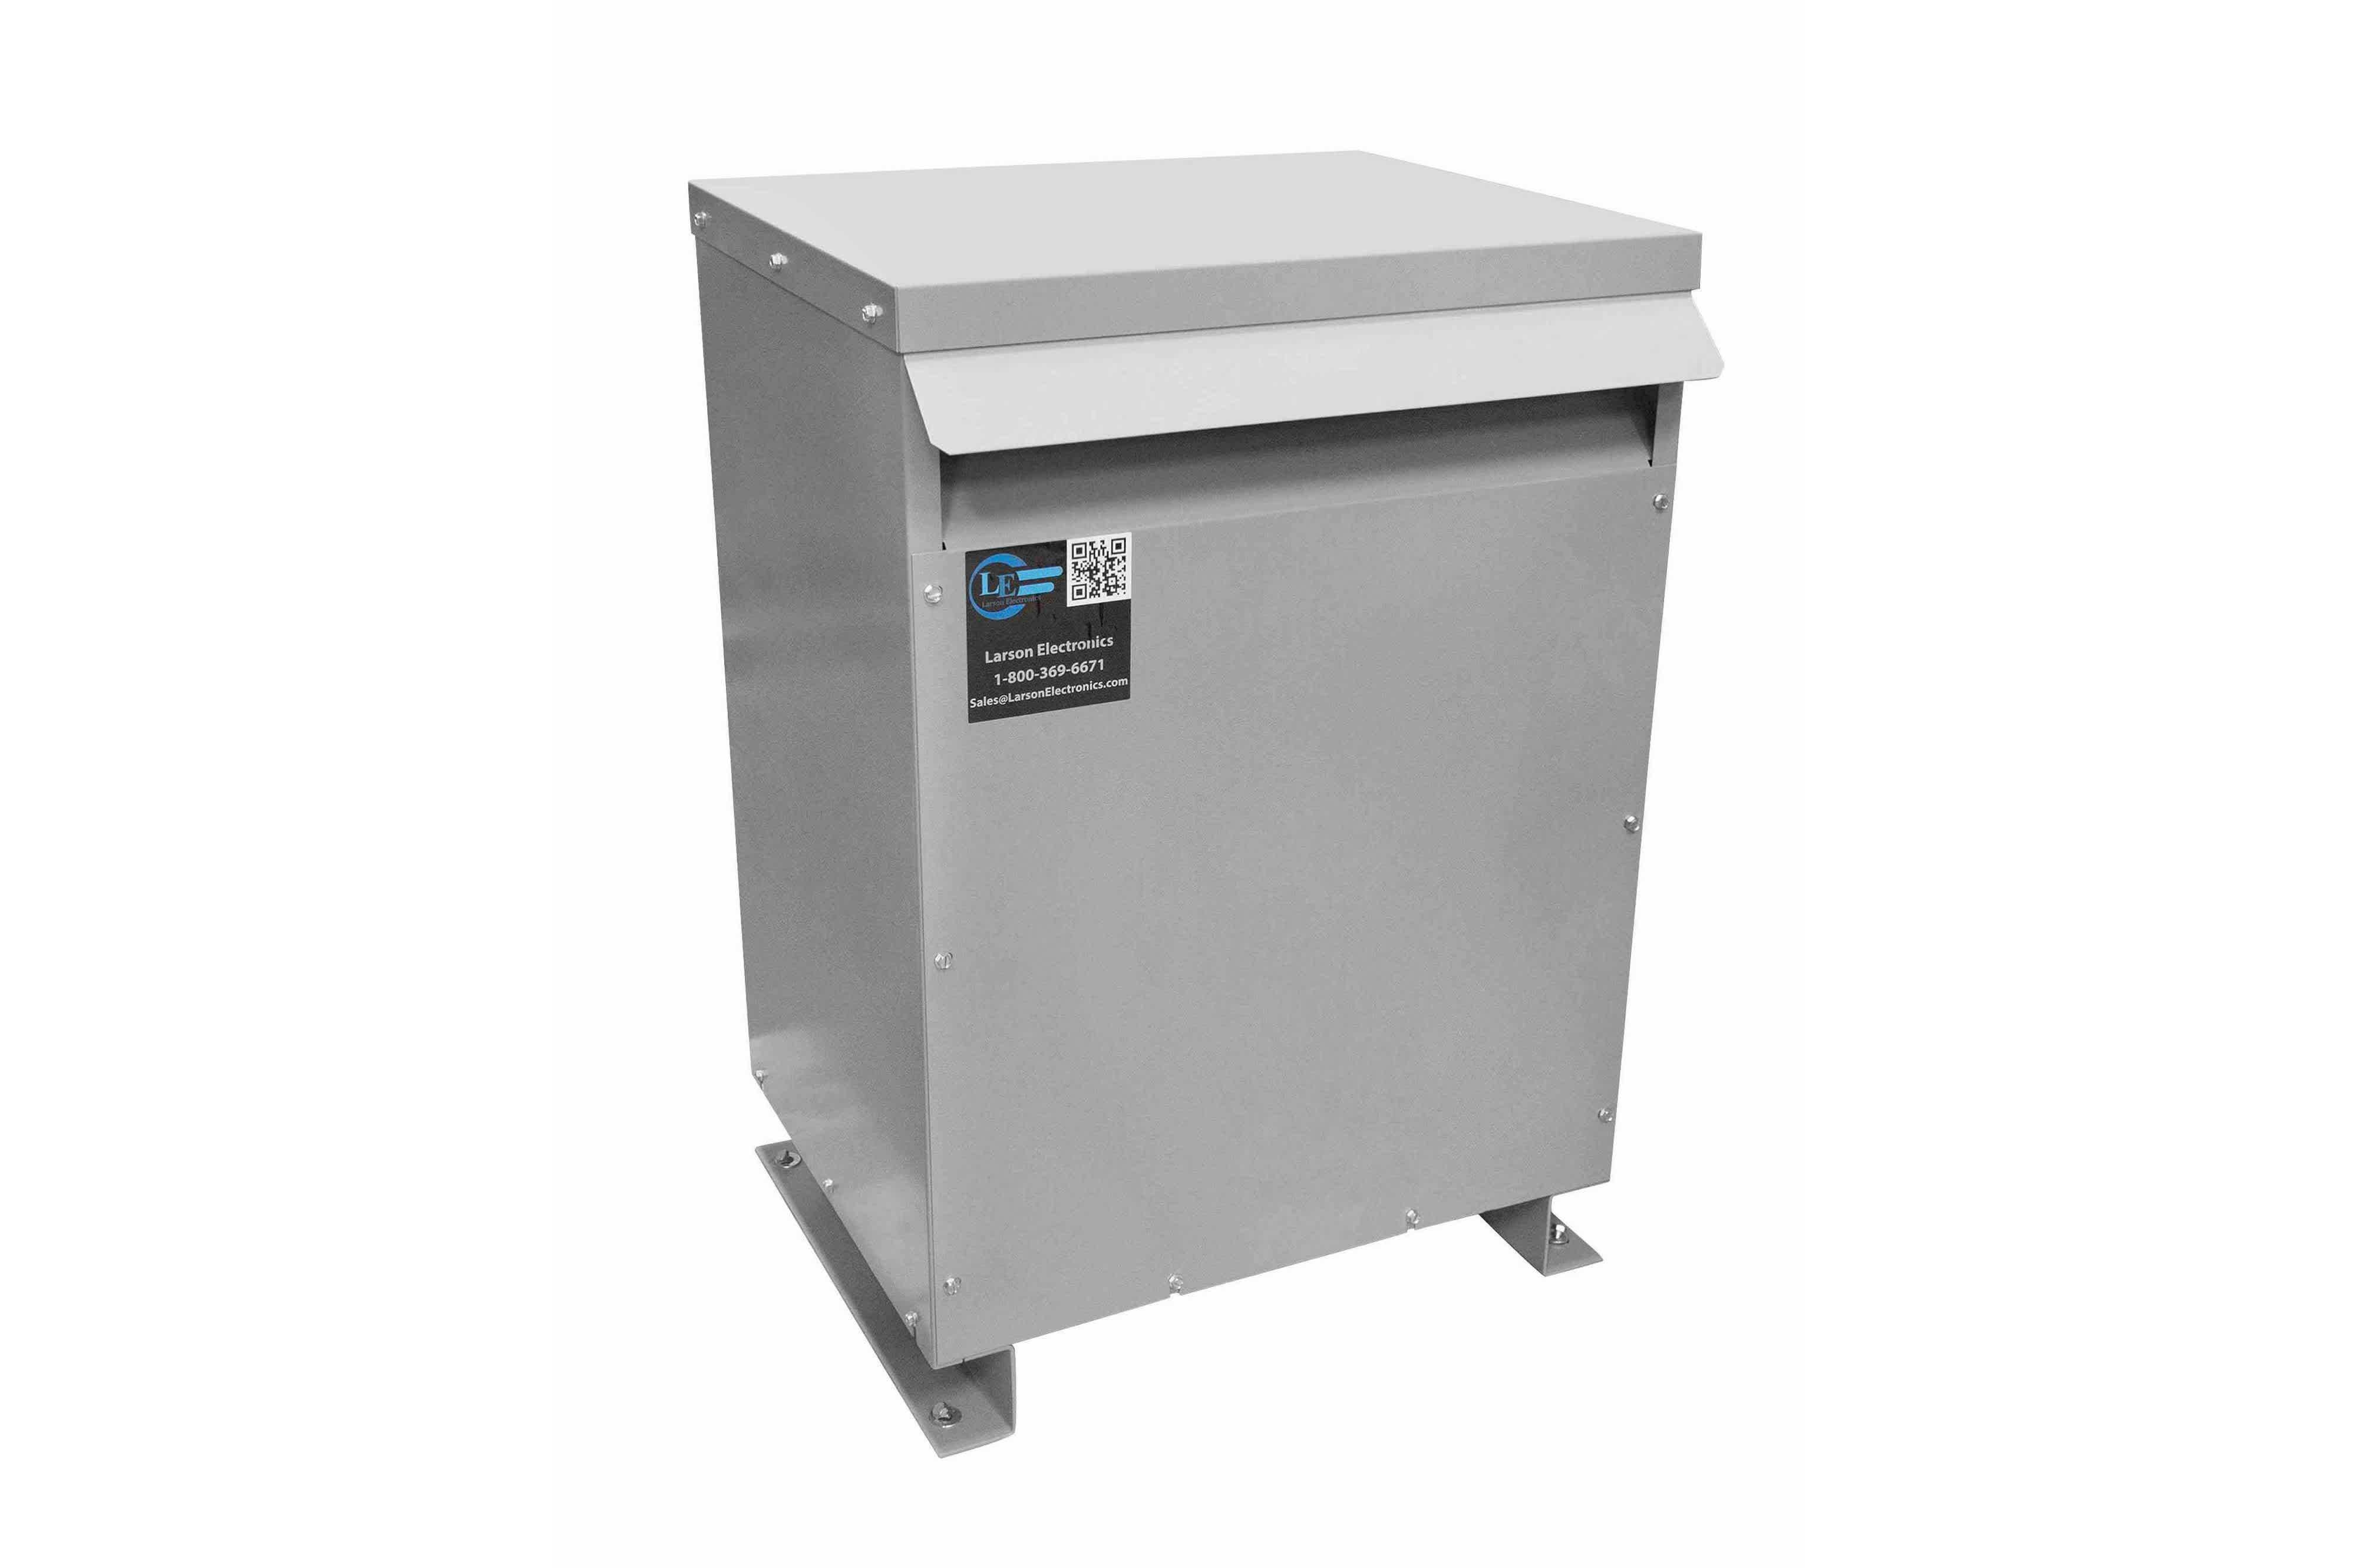 32.5 kVA 3PH Isolation Transformer, 575V Delta Primary, 480V Delta Secondary, N3R, Ventilated, 60 Hz